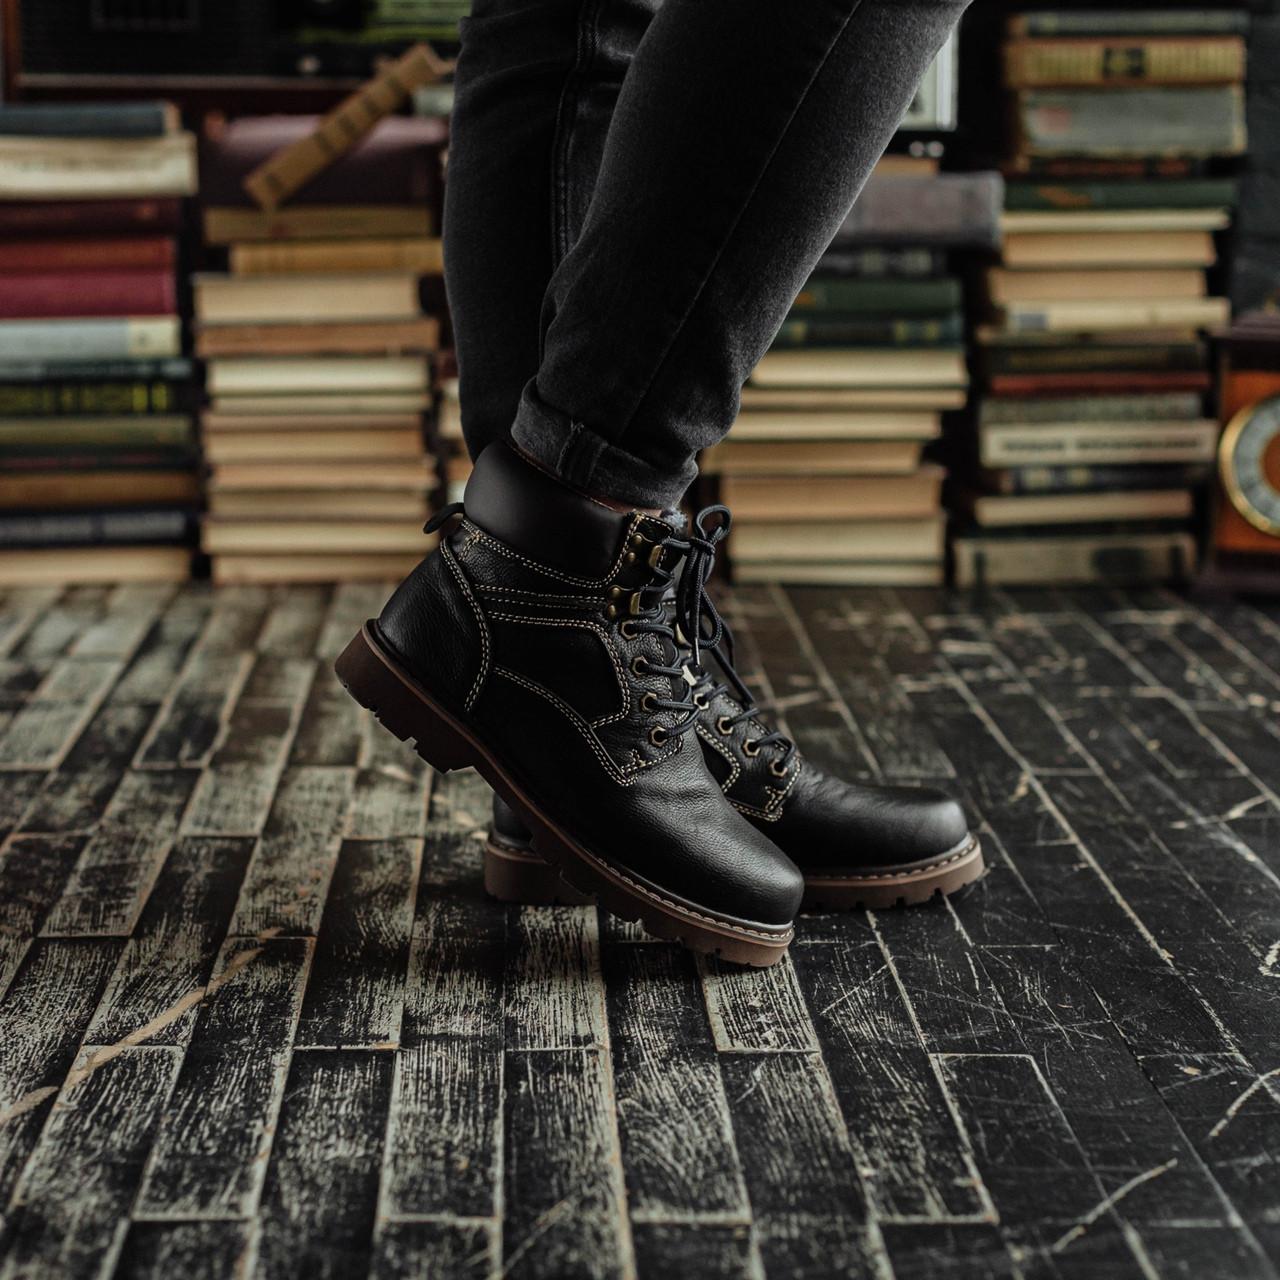 Мужские зимние ботинки South Craft black. Натуральная кожа и мех. Премиум качество